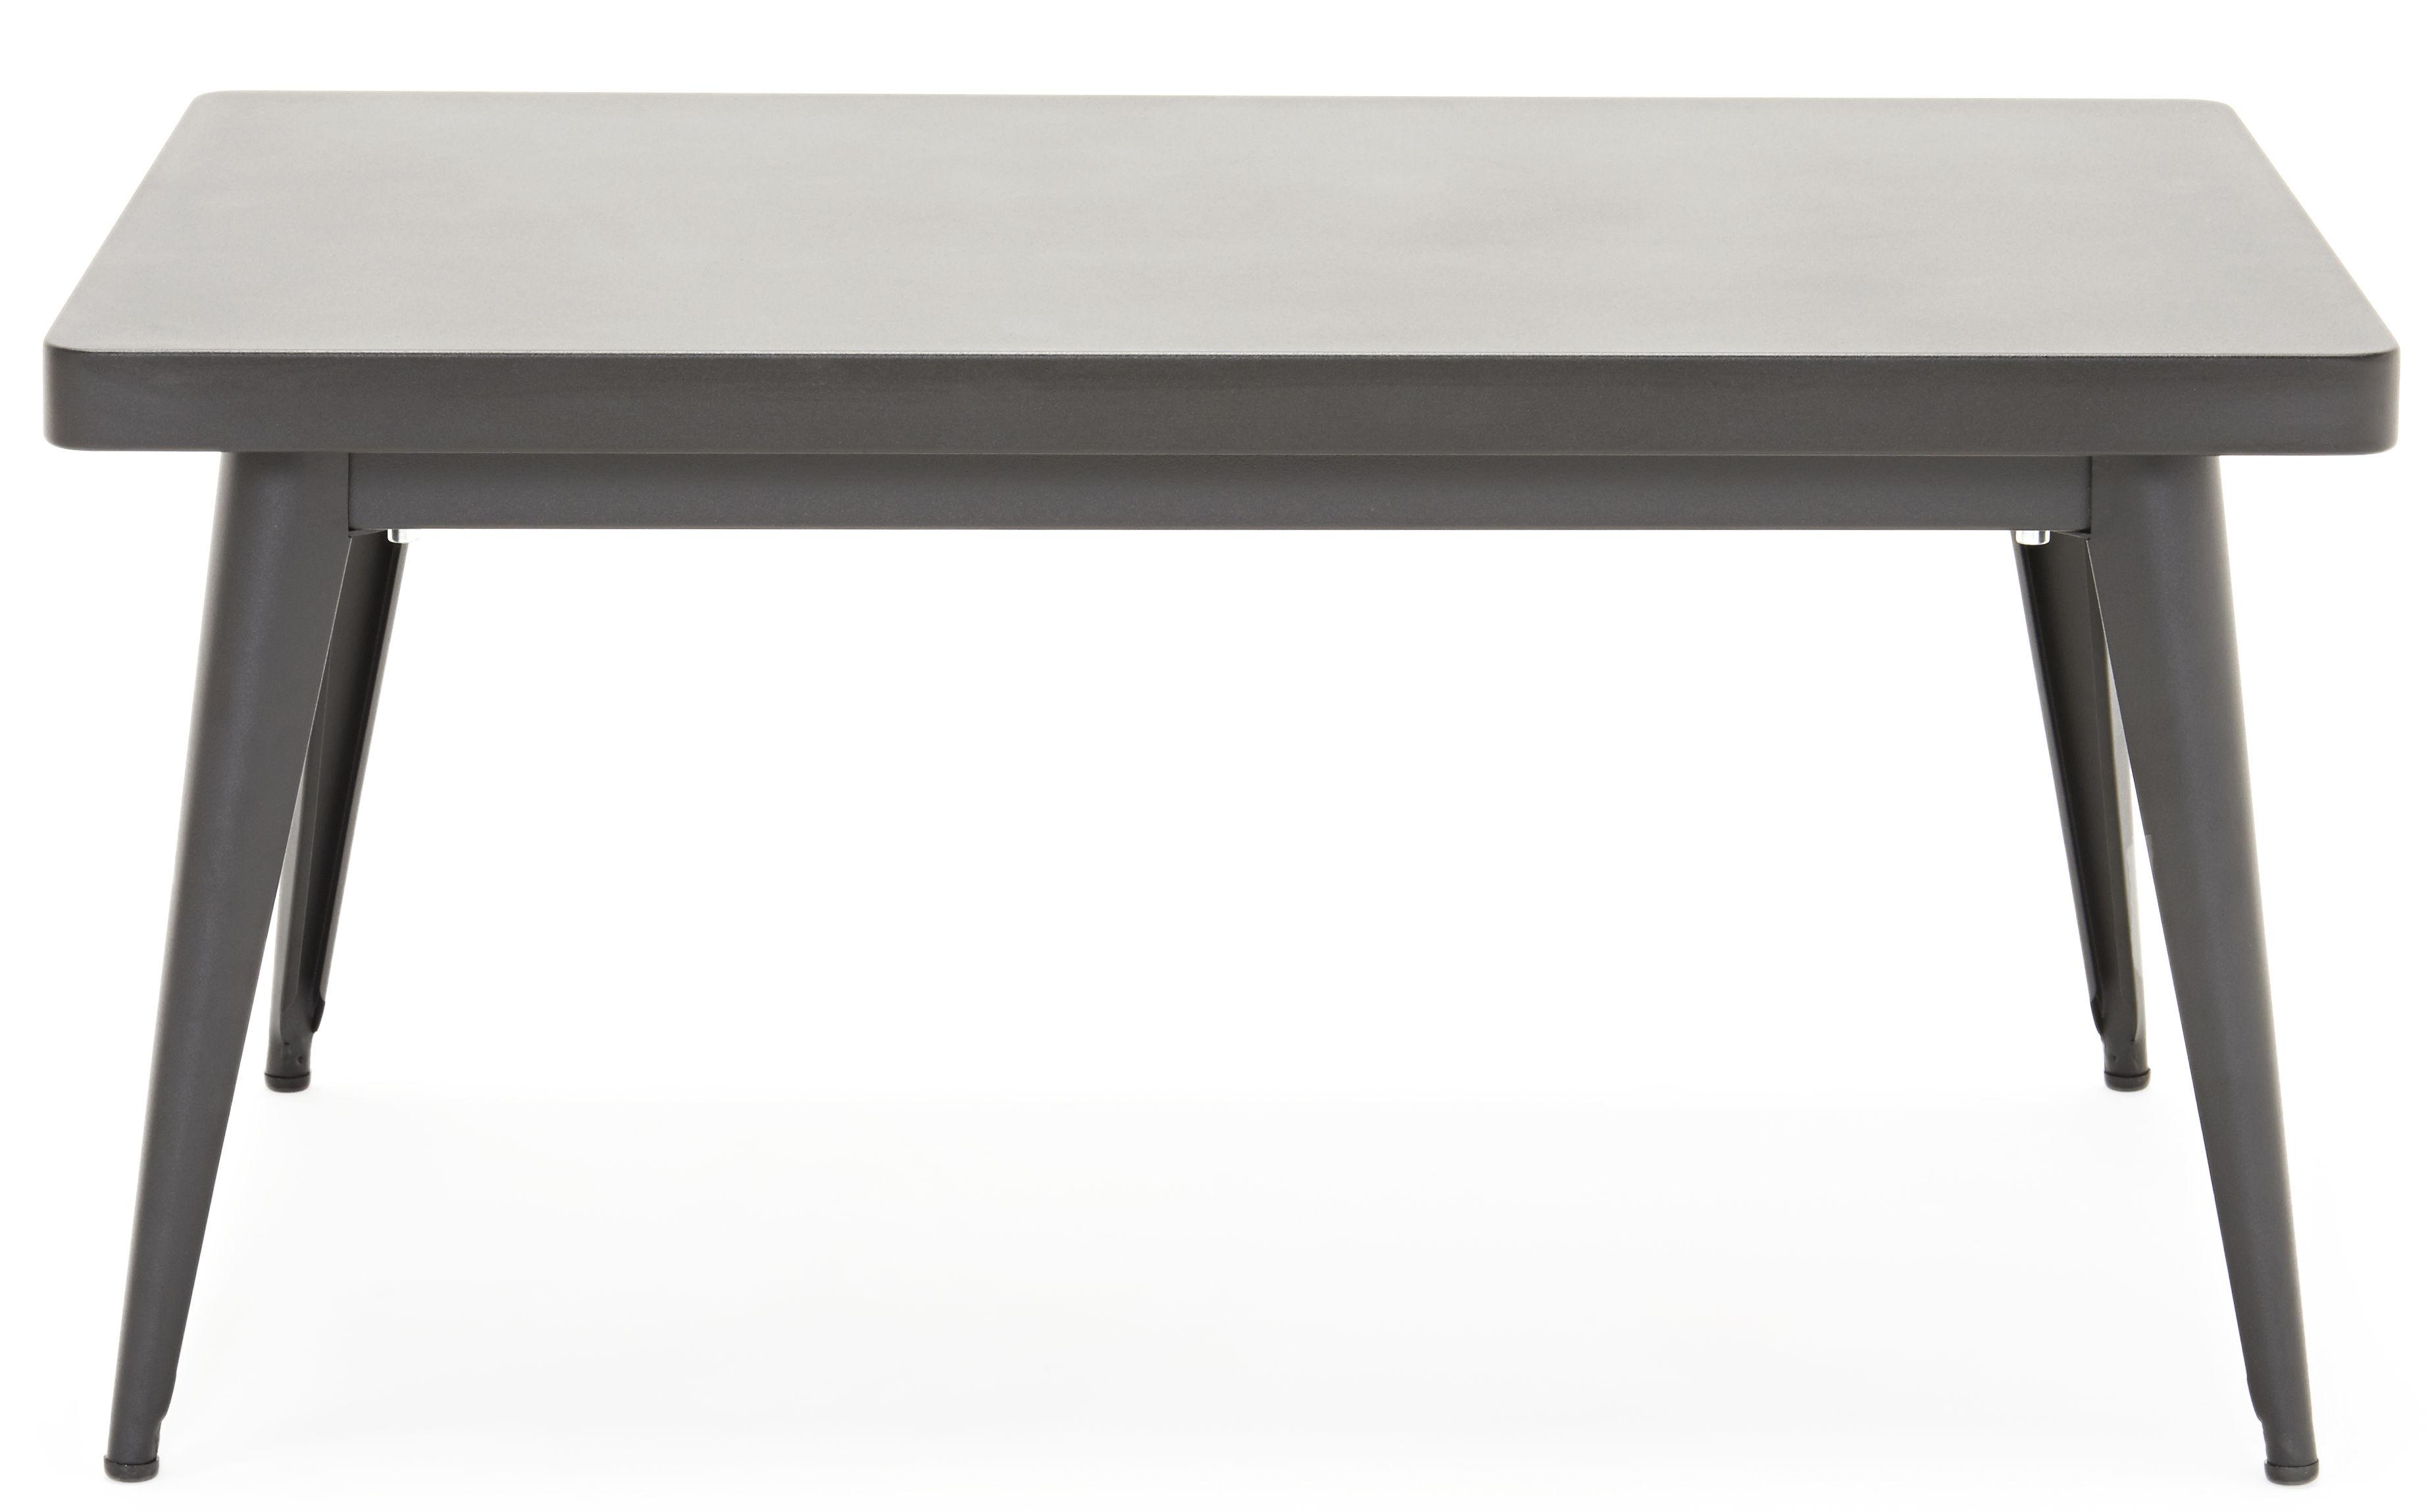 Arredamento - Tavolini  - Tavolino 55 - / 90 x 55 cm di Tolix - Nero - Acciaio riciclato laccato